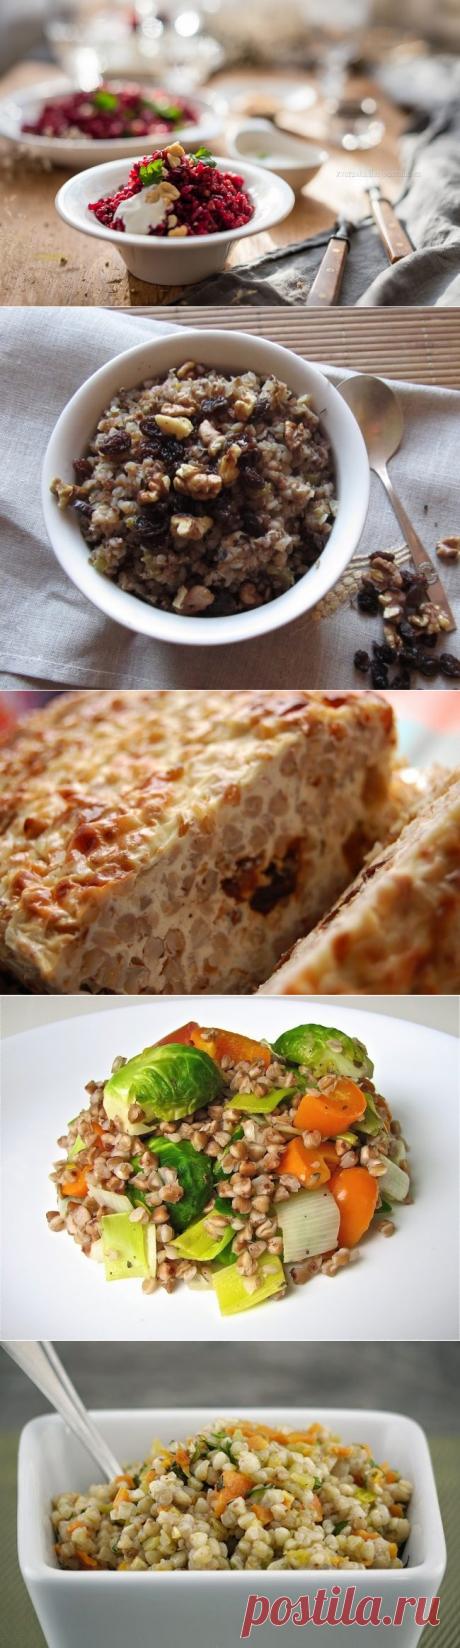 5 оригинальных рецептов с гречкой